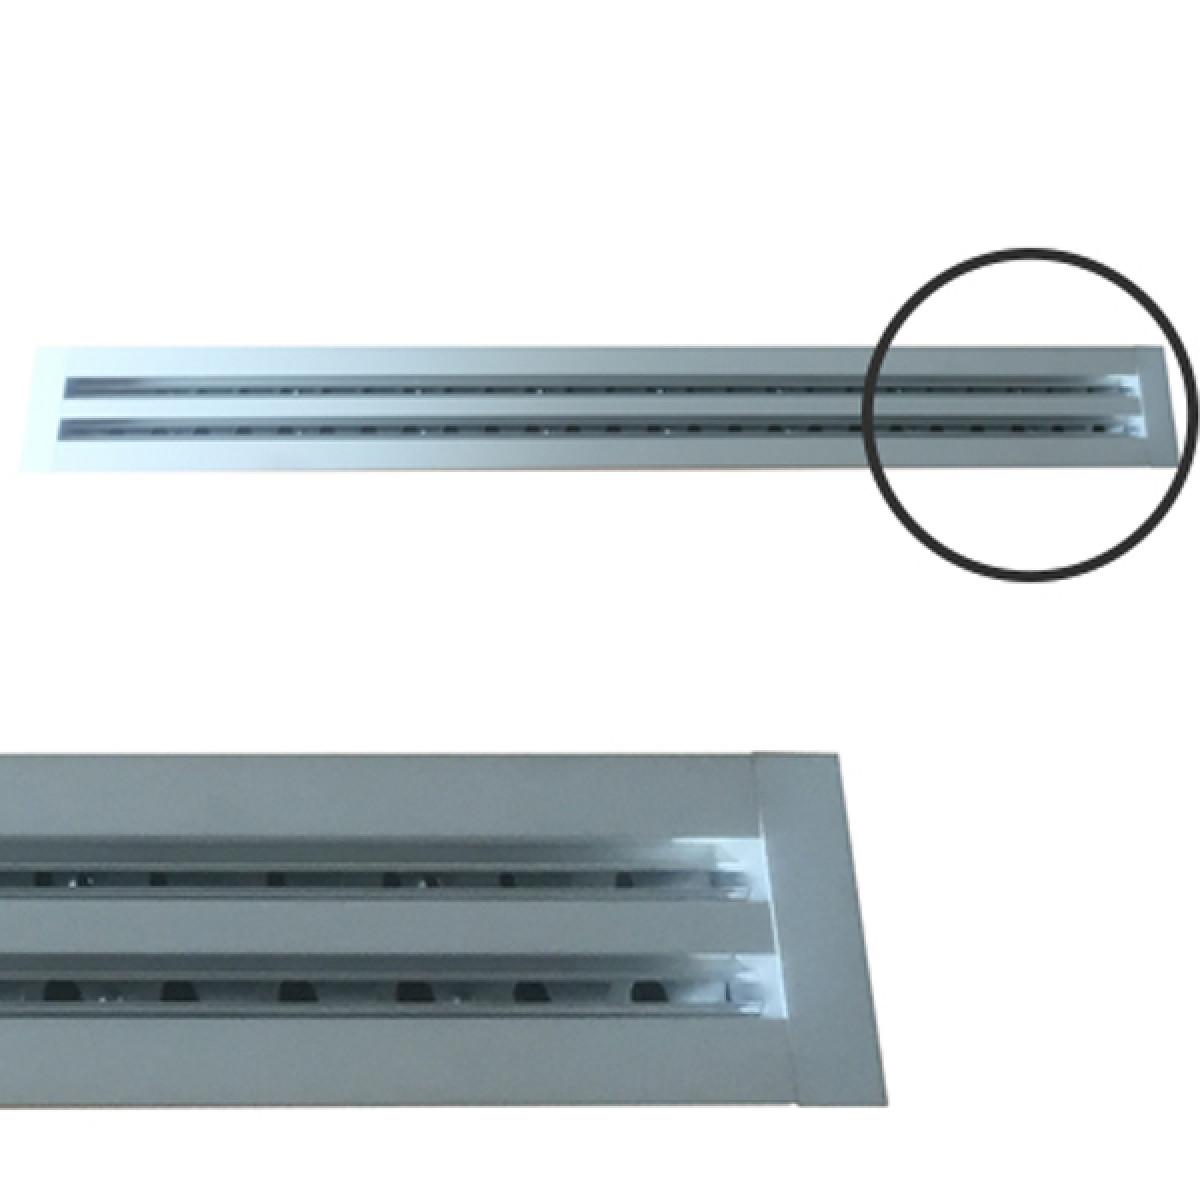 Diffusori Lineari Aria Condizionata diffusore aria lineare a 2 feritoie la612it/s da 1 m con deflettori e  serranda a scorrimento - alluminio